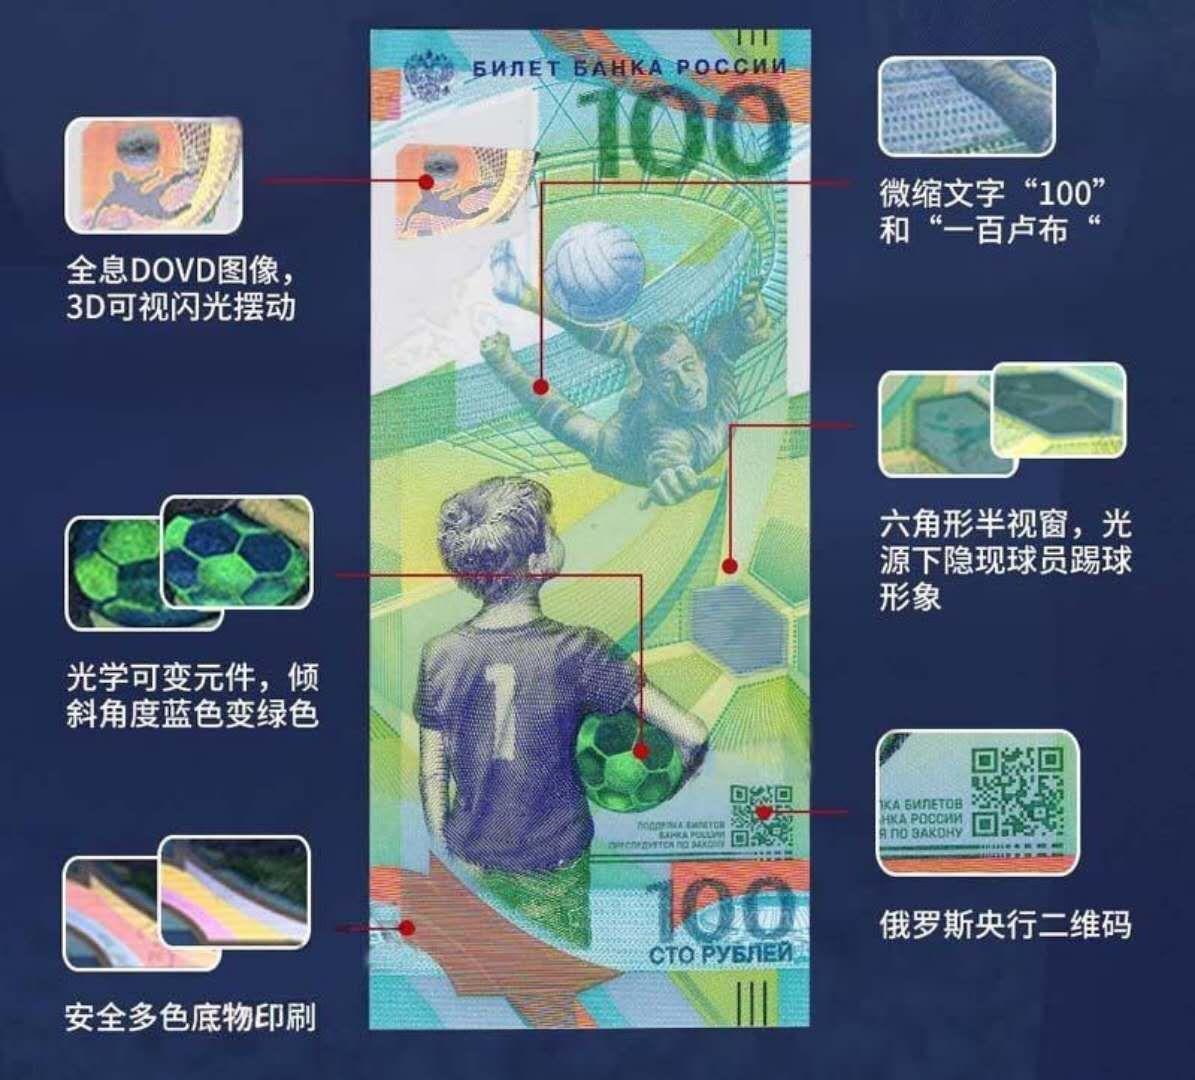 【2018世界杯纪念钞】60元